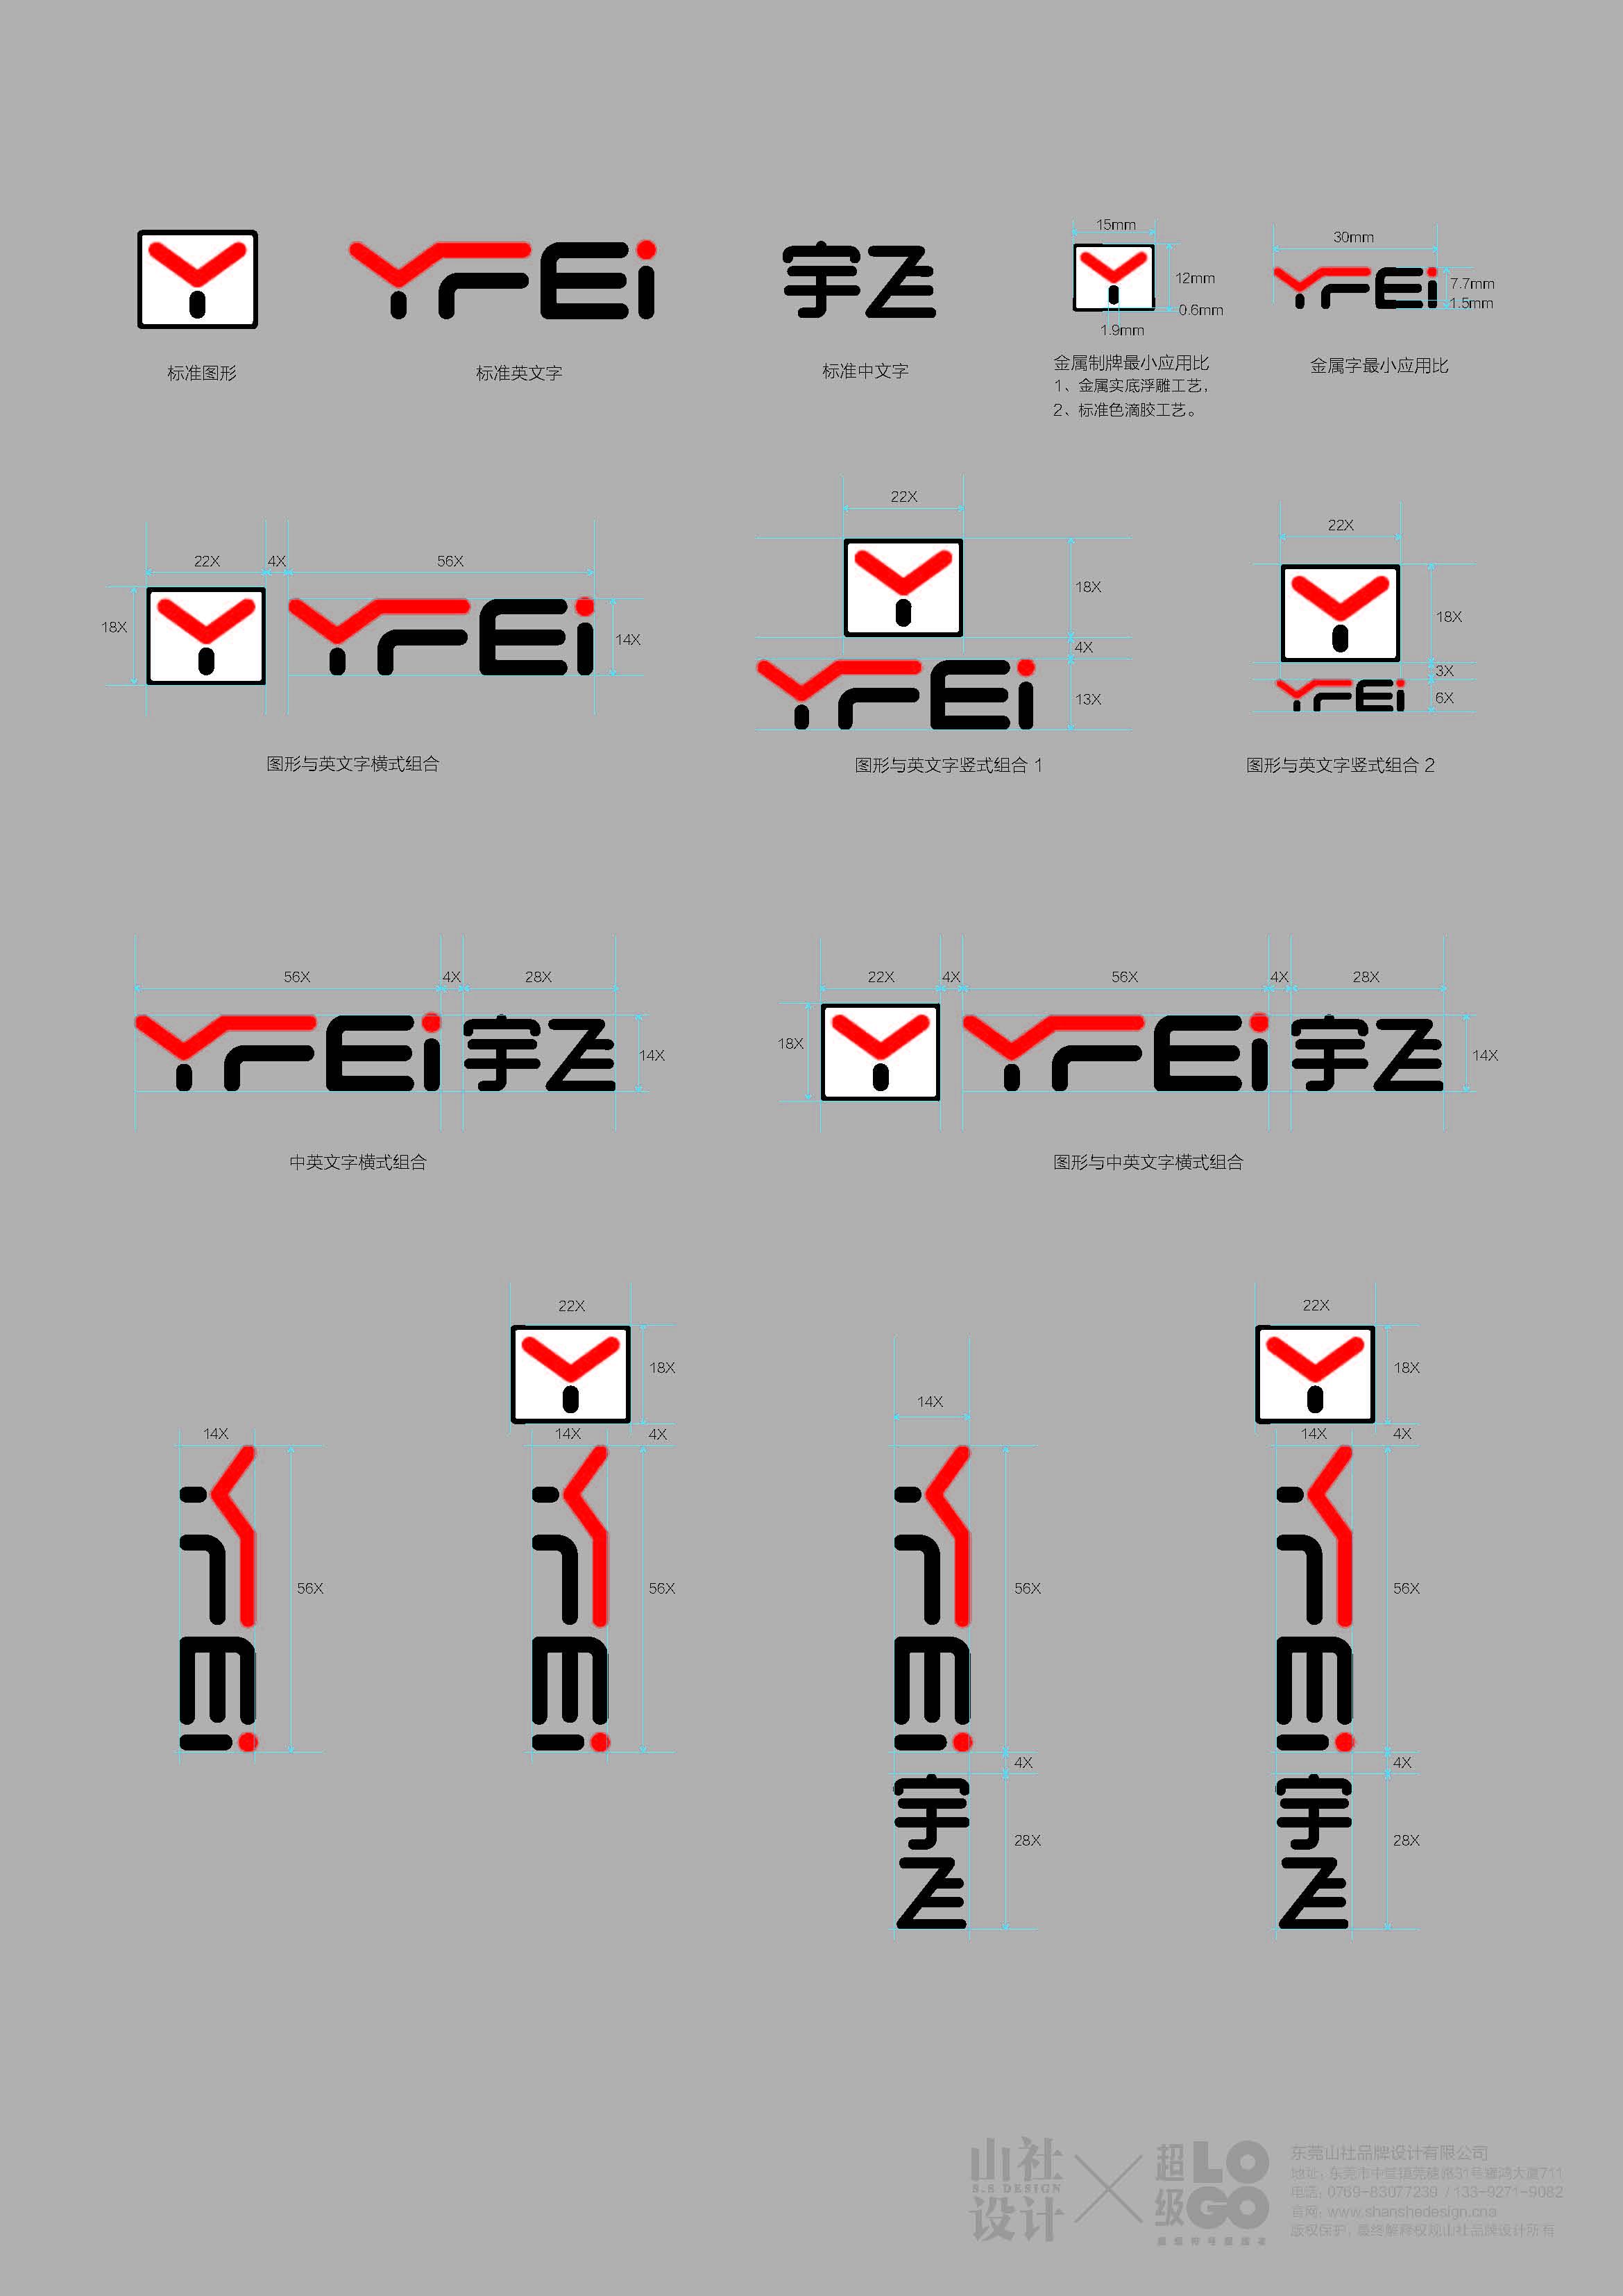 宇飞logo组合规范